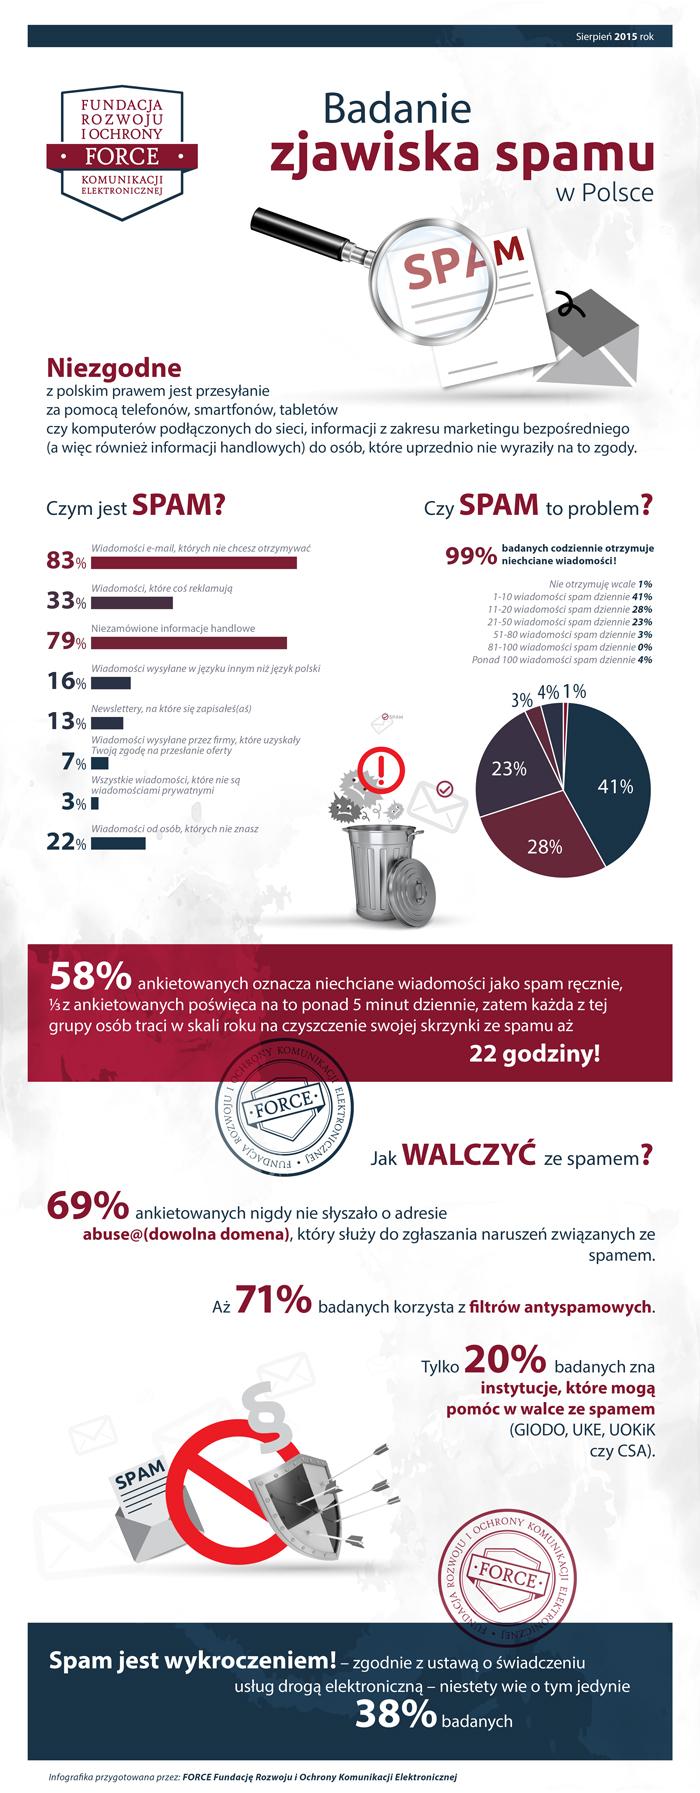 Badanie zjawiska spamu - infografika